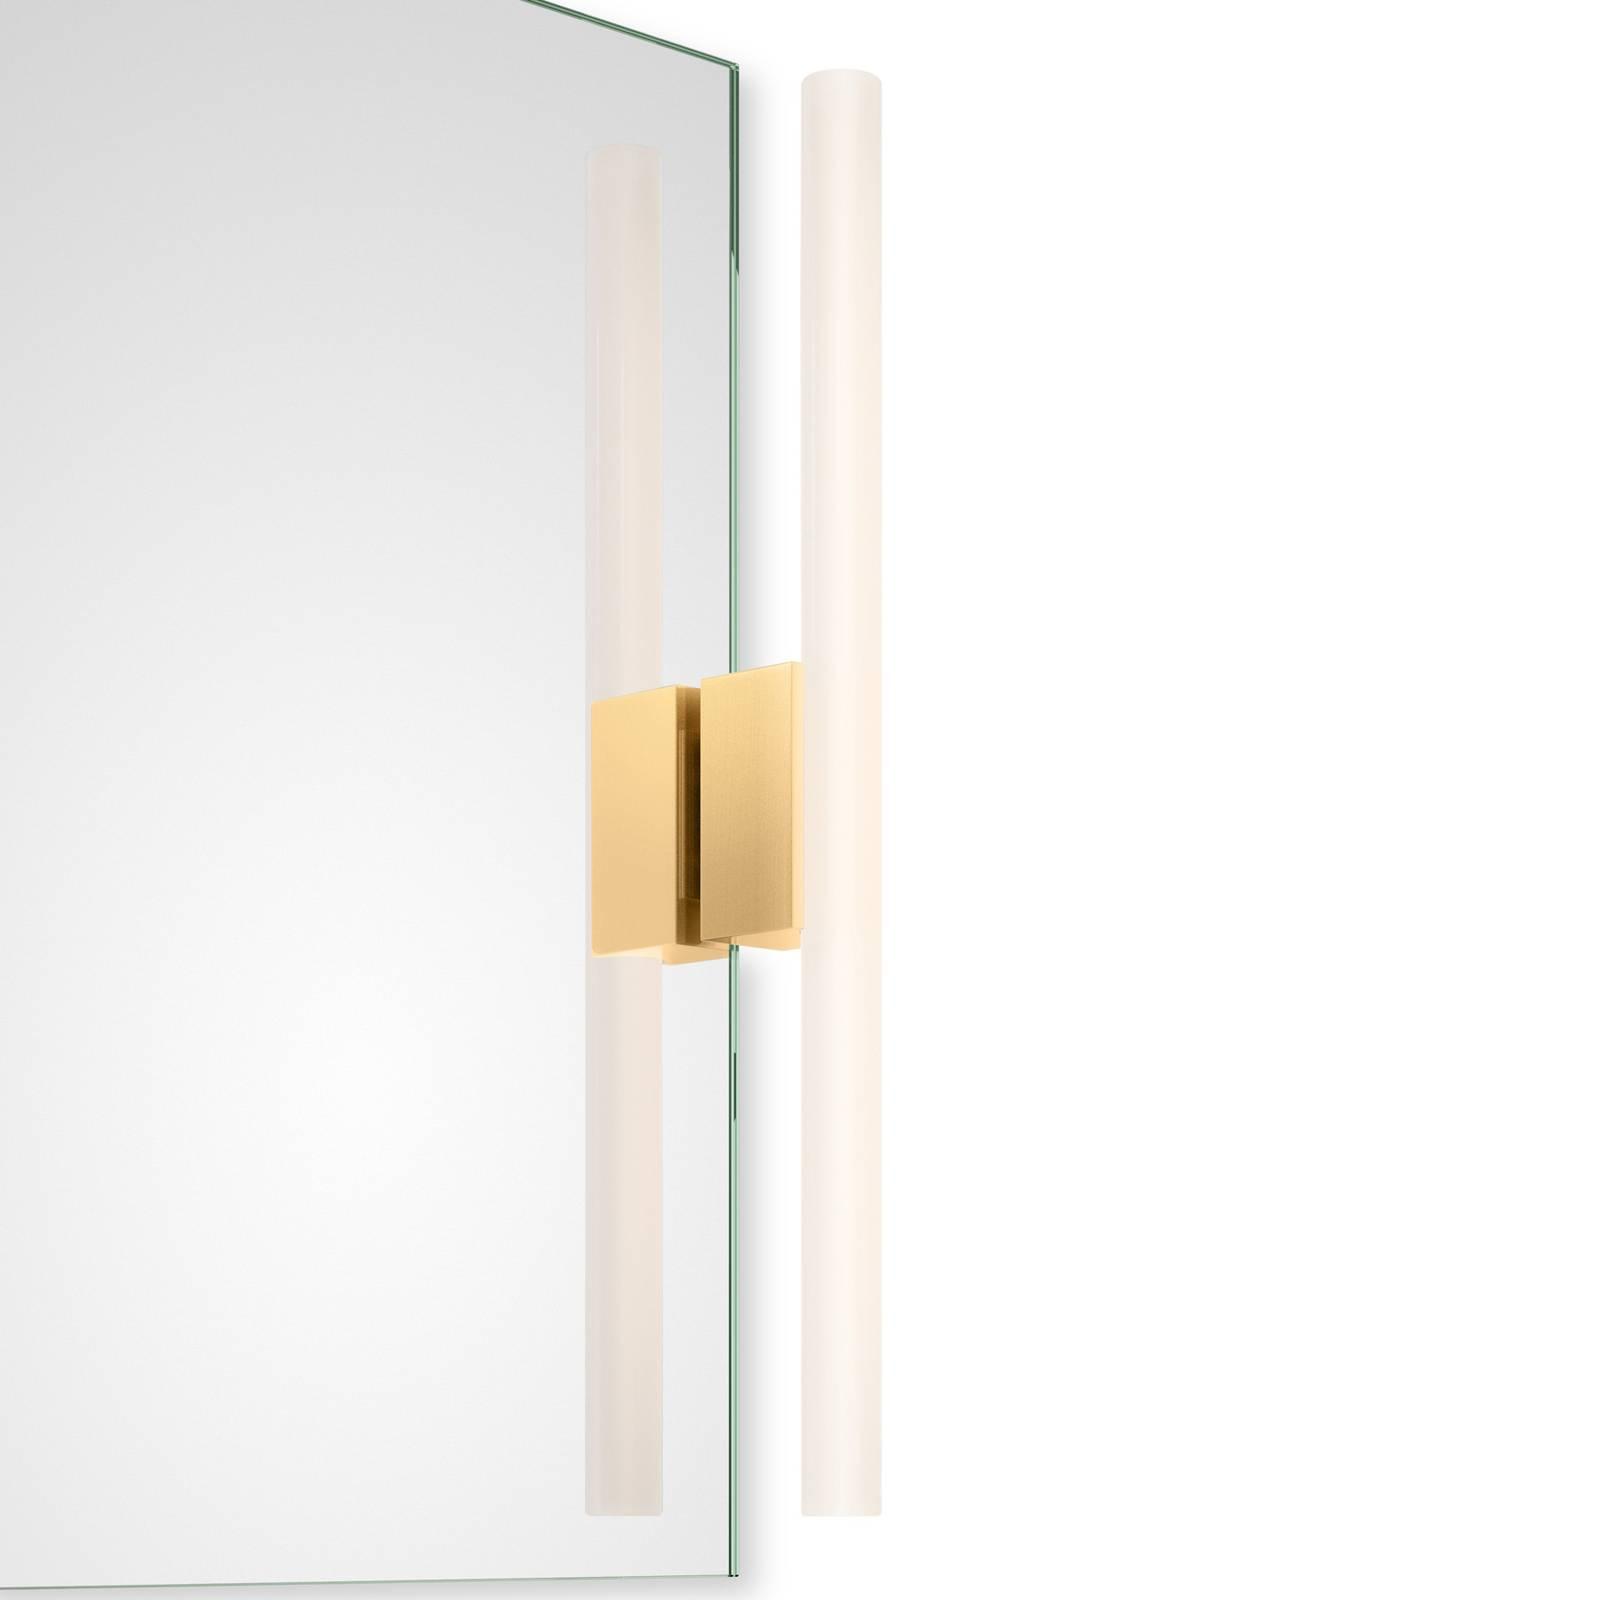 Decor Walther Decor Walther Omega 1 osvětlení zrcadla zlatá mat